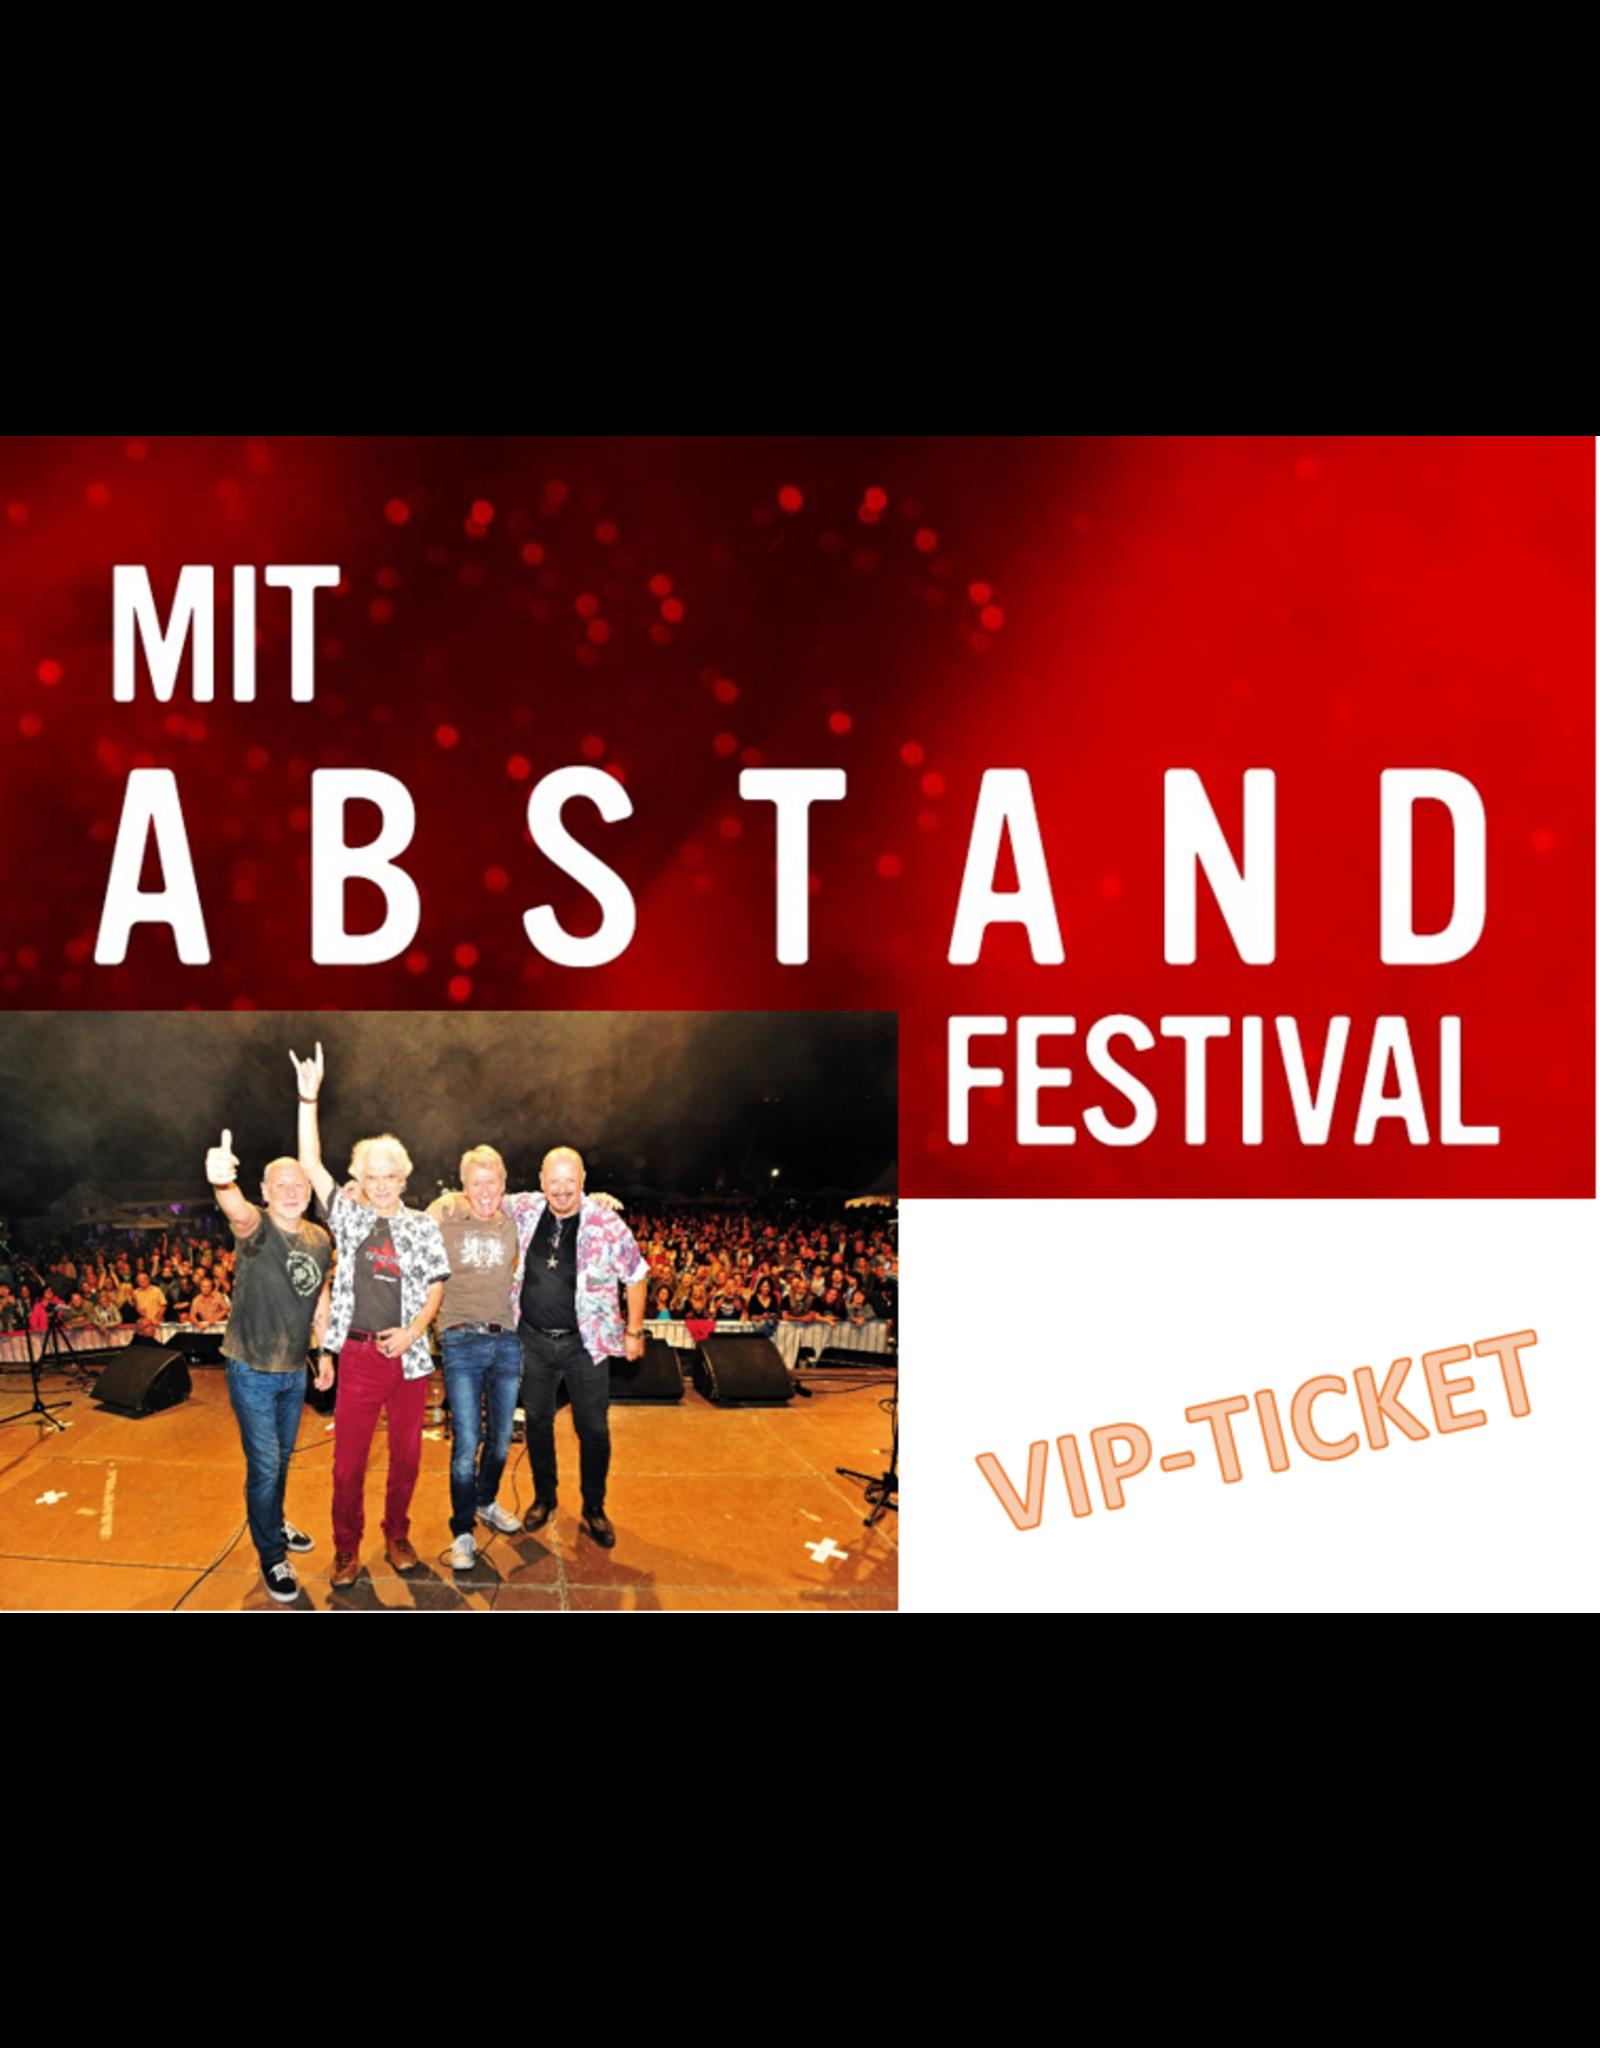 MIT ABSTAND FESTIVAL SAMSTAG, 26. Juni 2021 WIR 4  VIP-TICKET